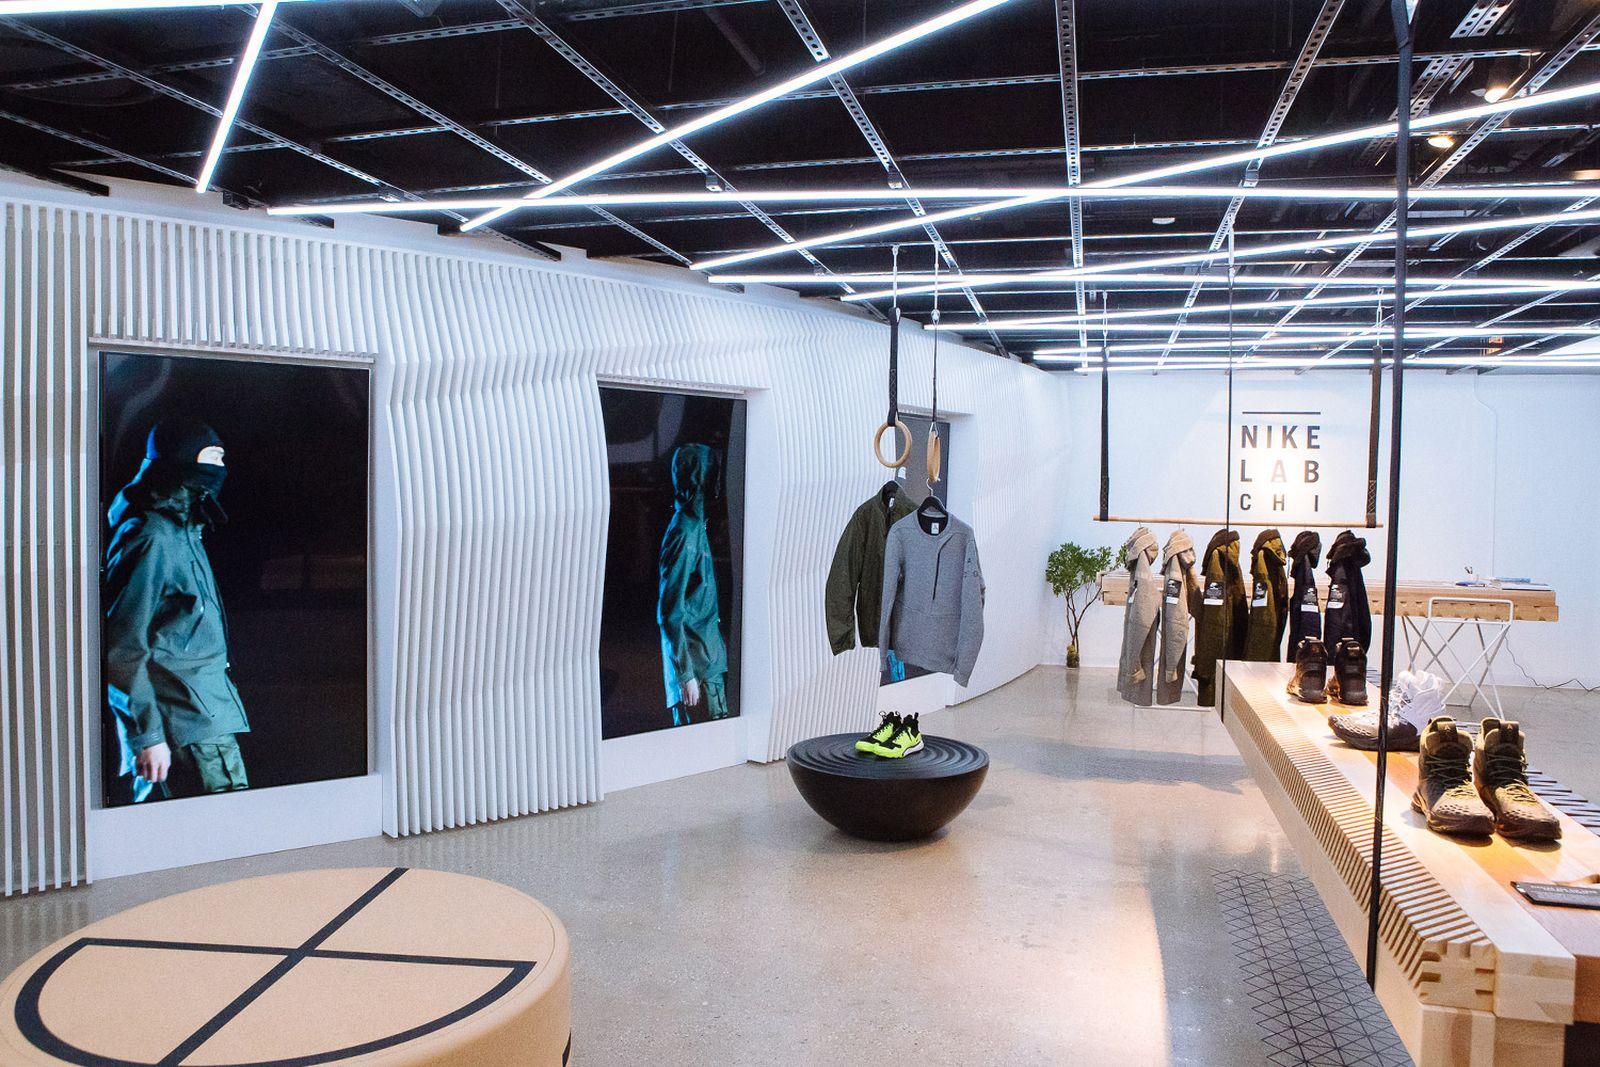 Nike-Lab-Chicago-Highsnobiety-03